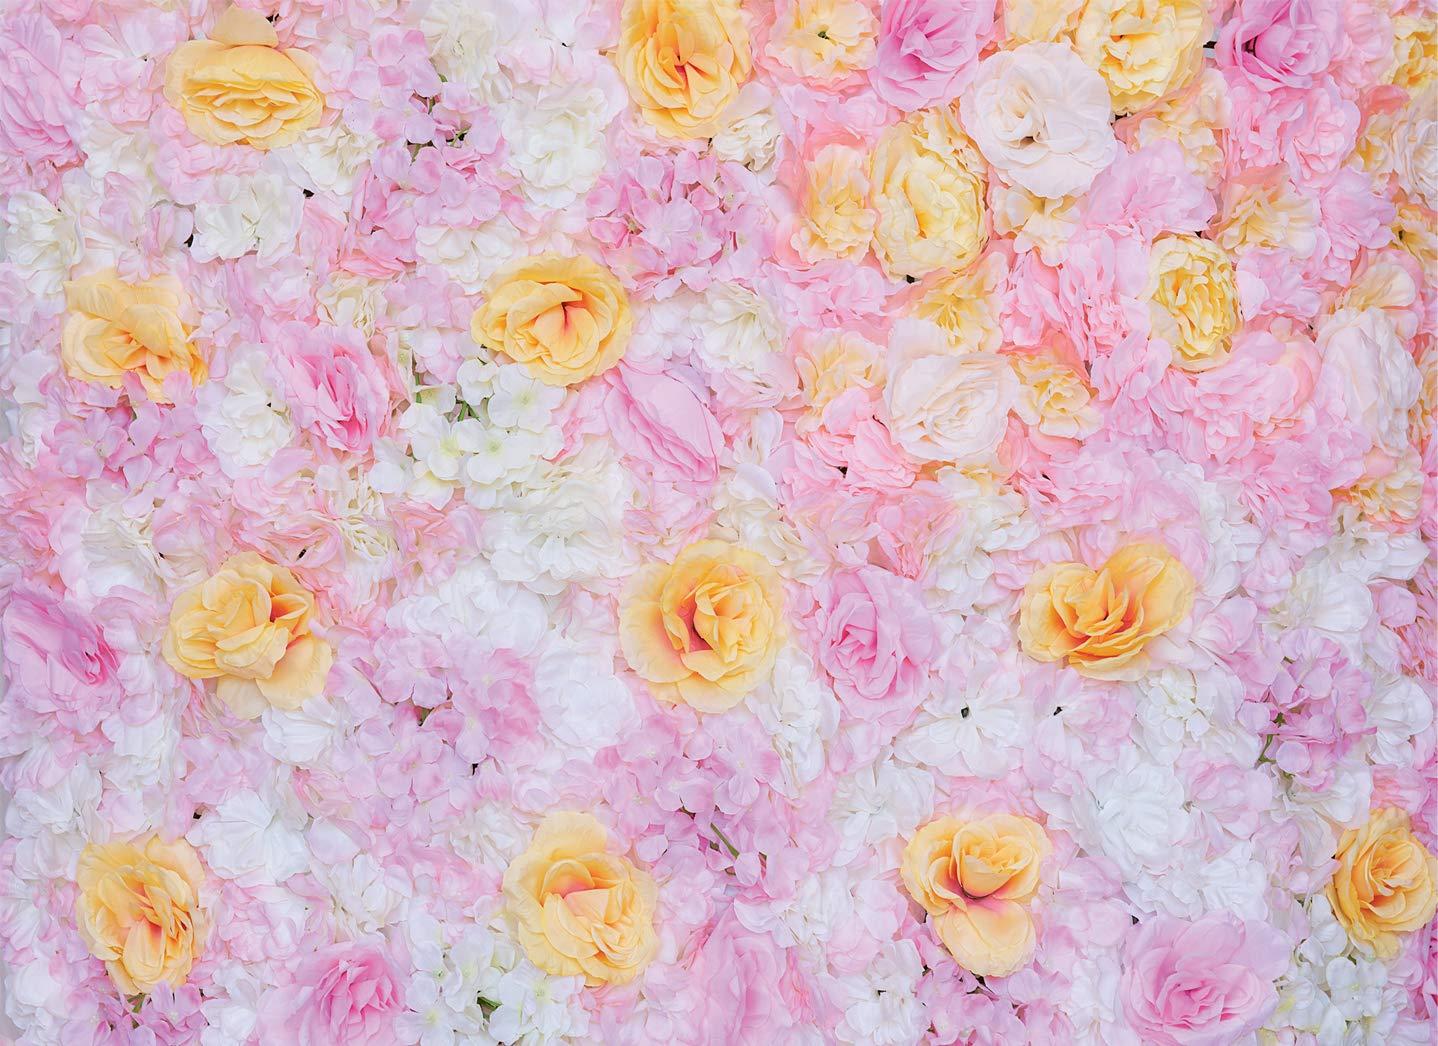 48インチ x 96インチ 人工シルク バラの花 壁の背景 結婚式 パーティー 装飾 B07H9GMSNZ